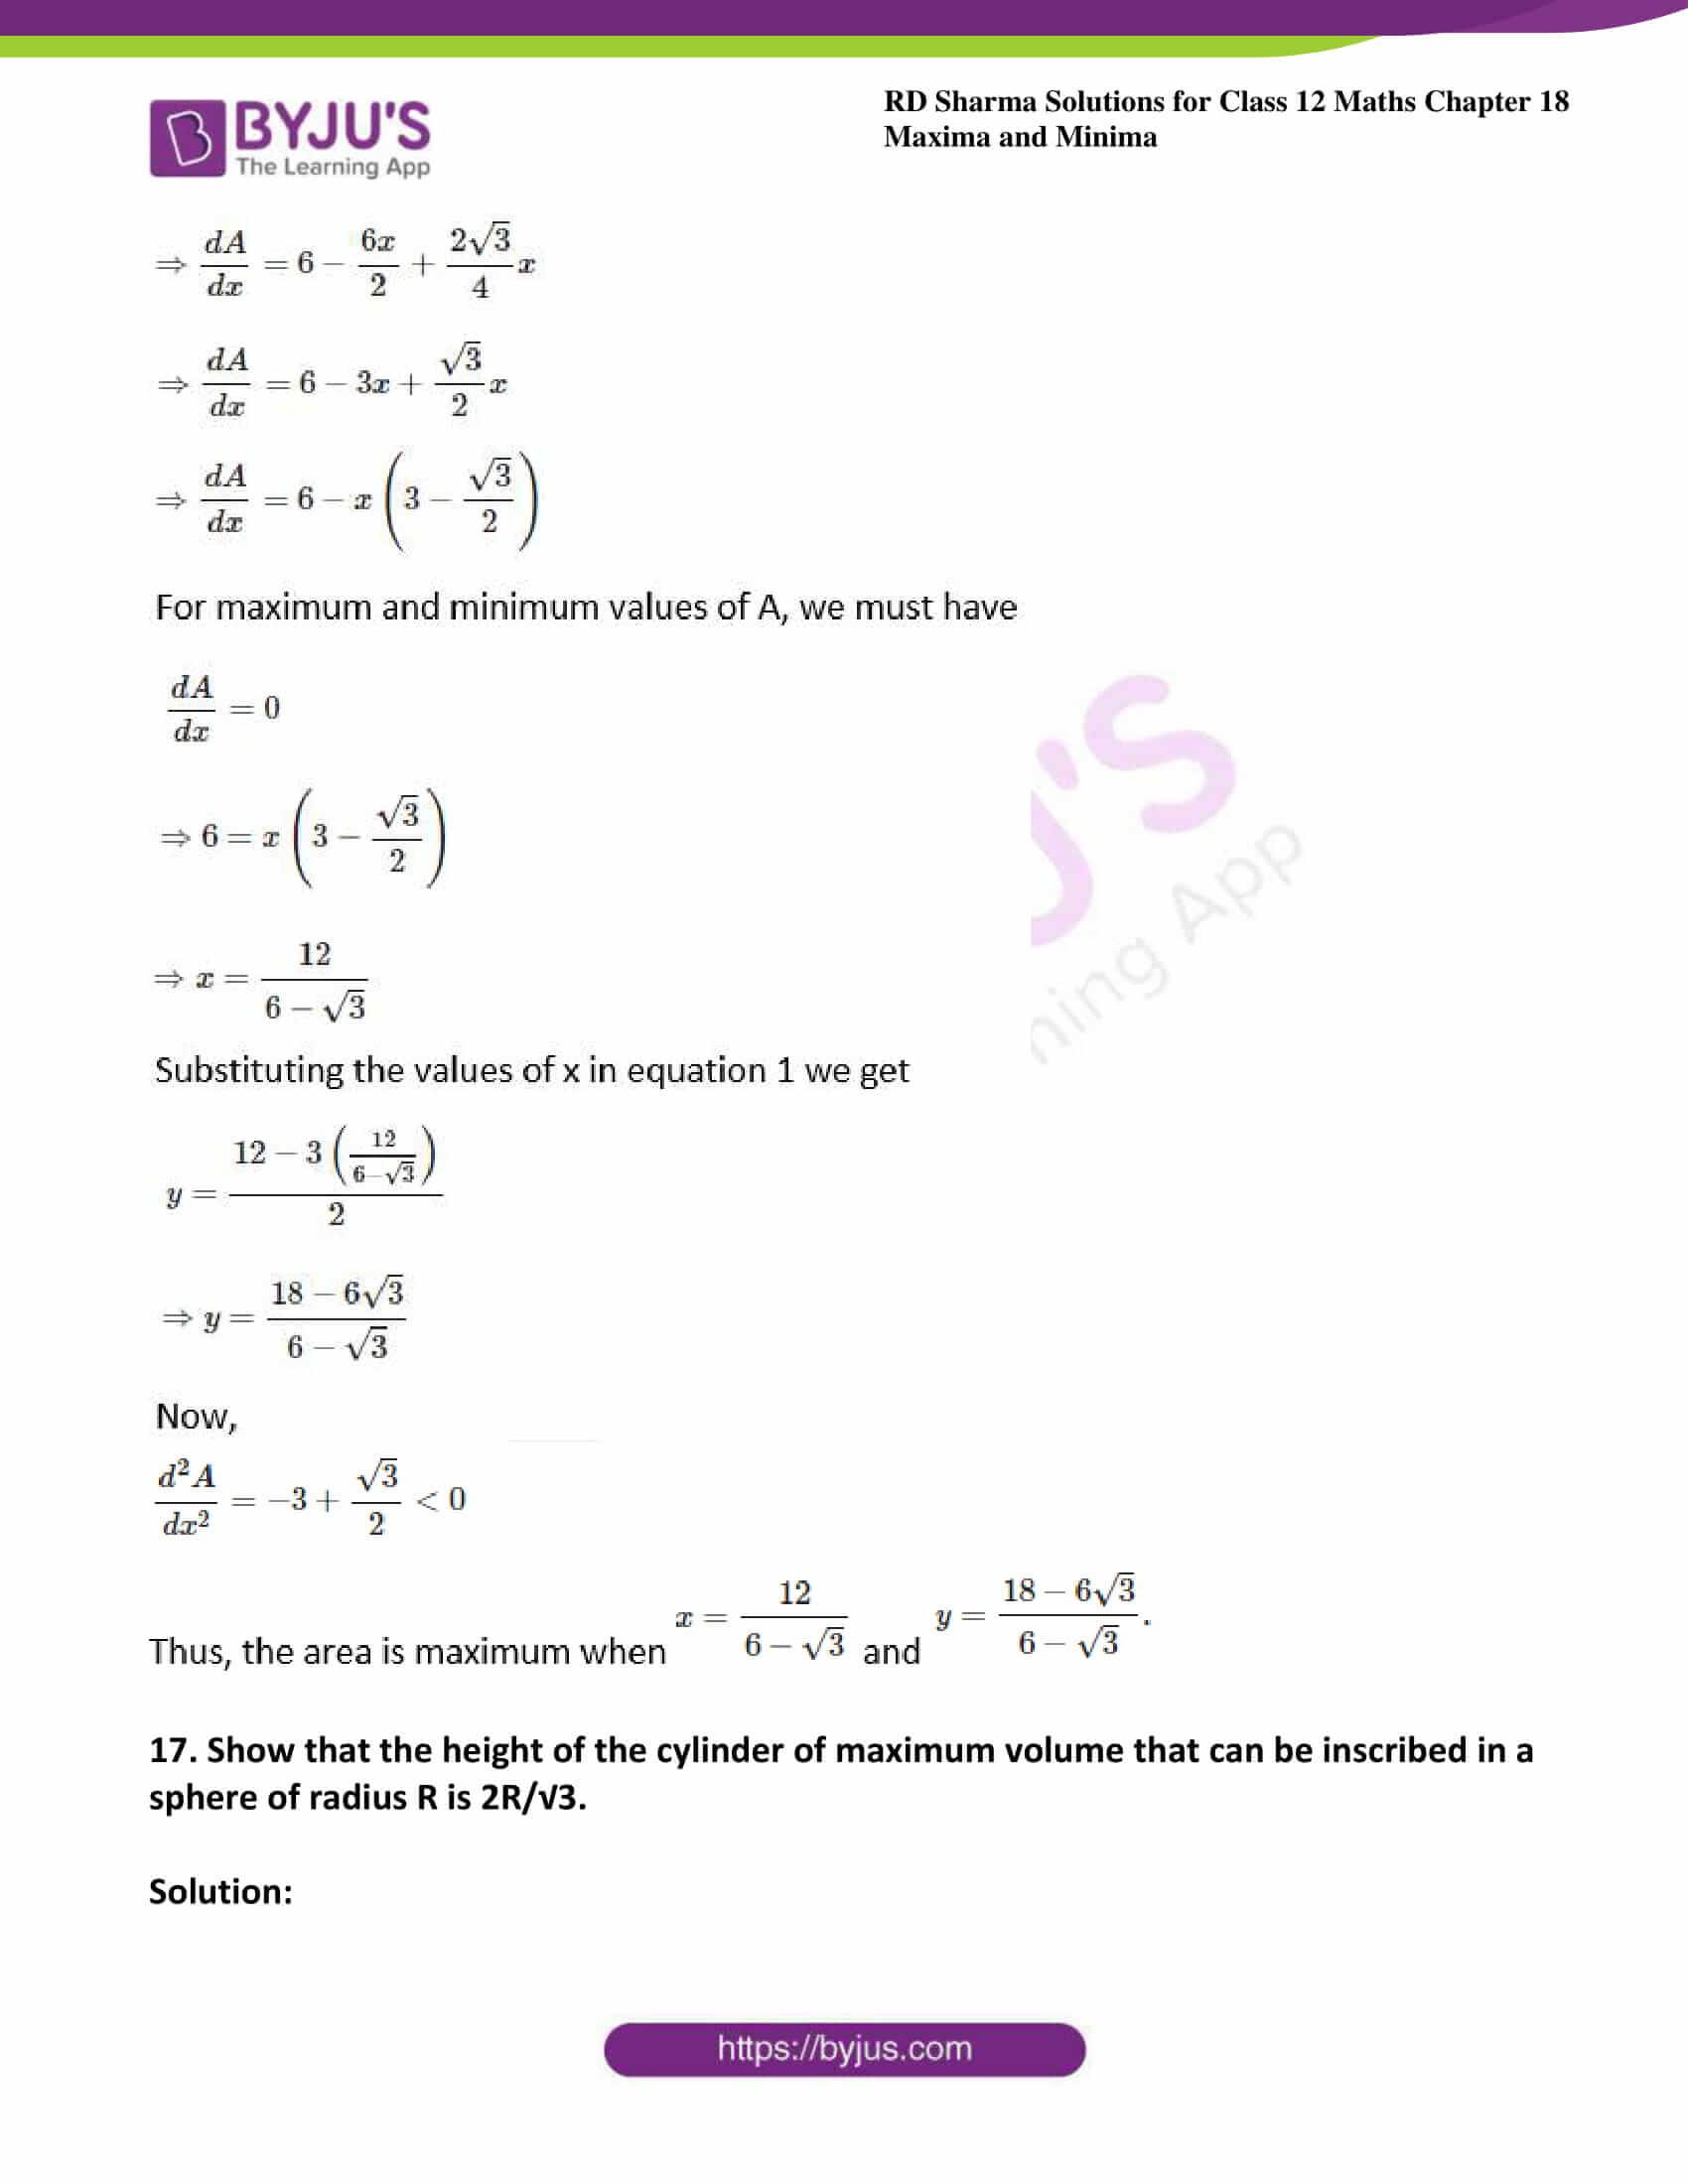 rd sharma class 12 maths sol chap 18 ex 5 22